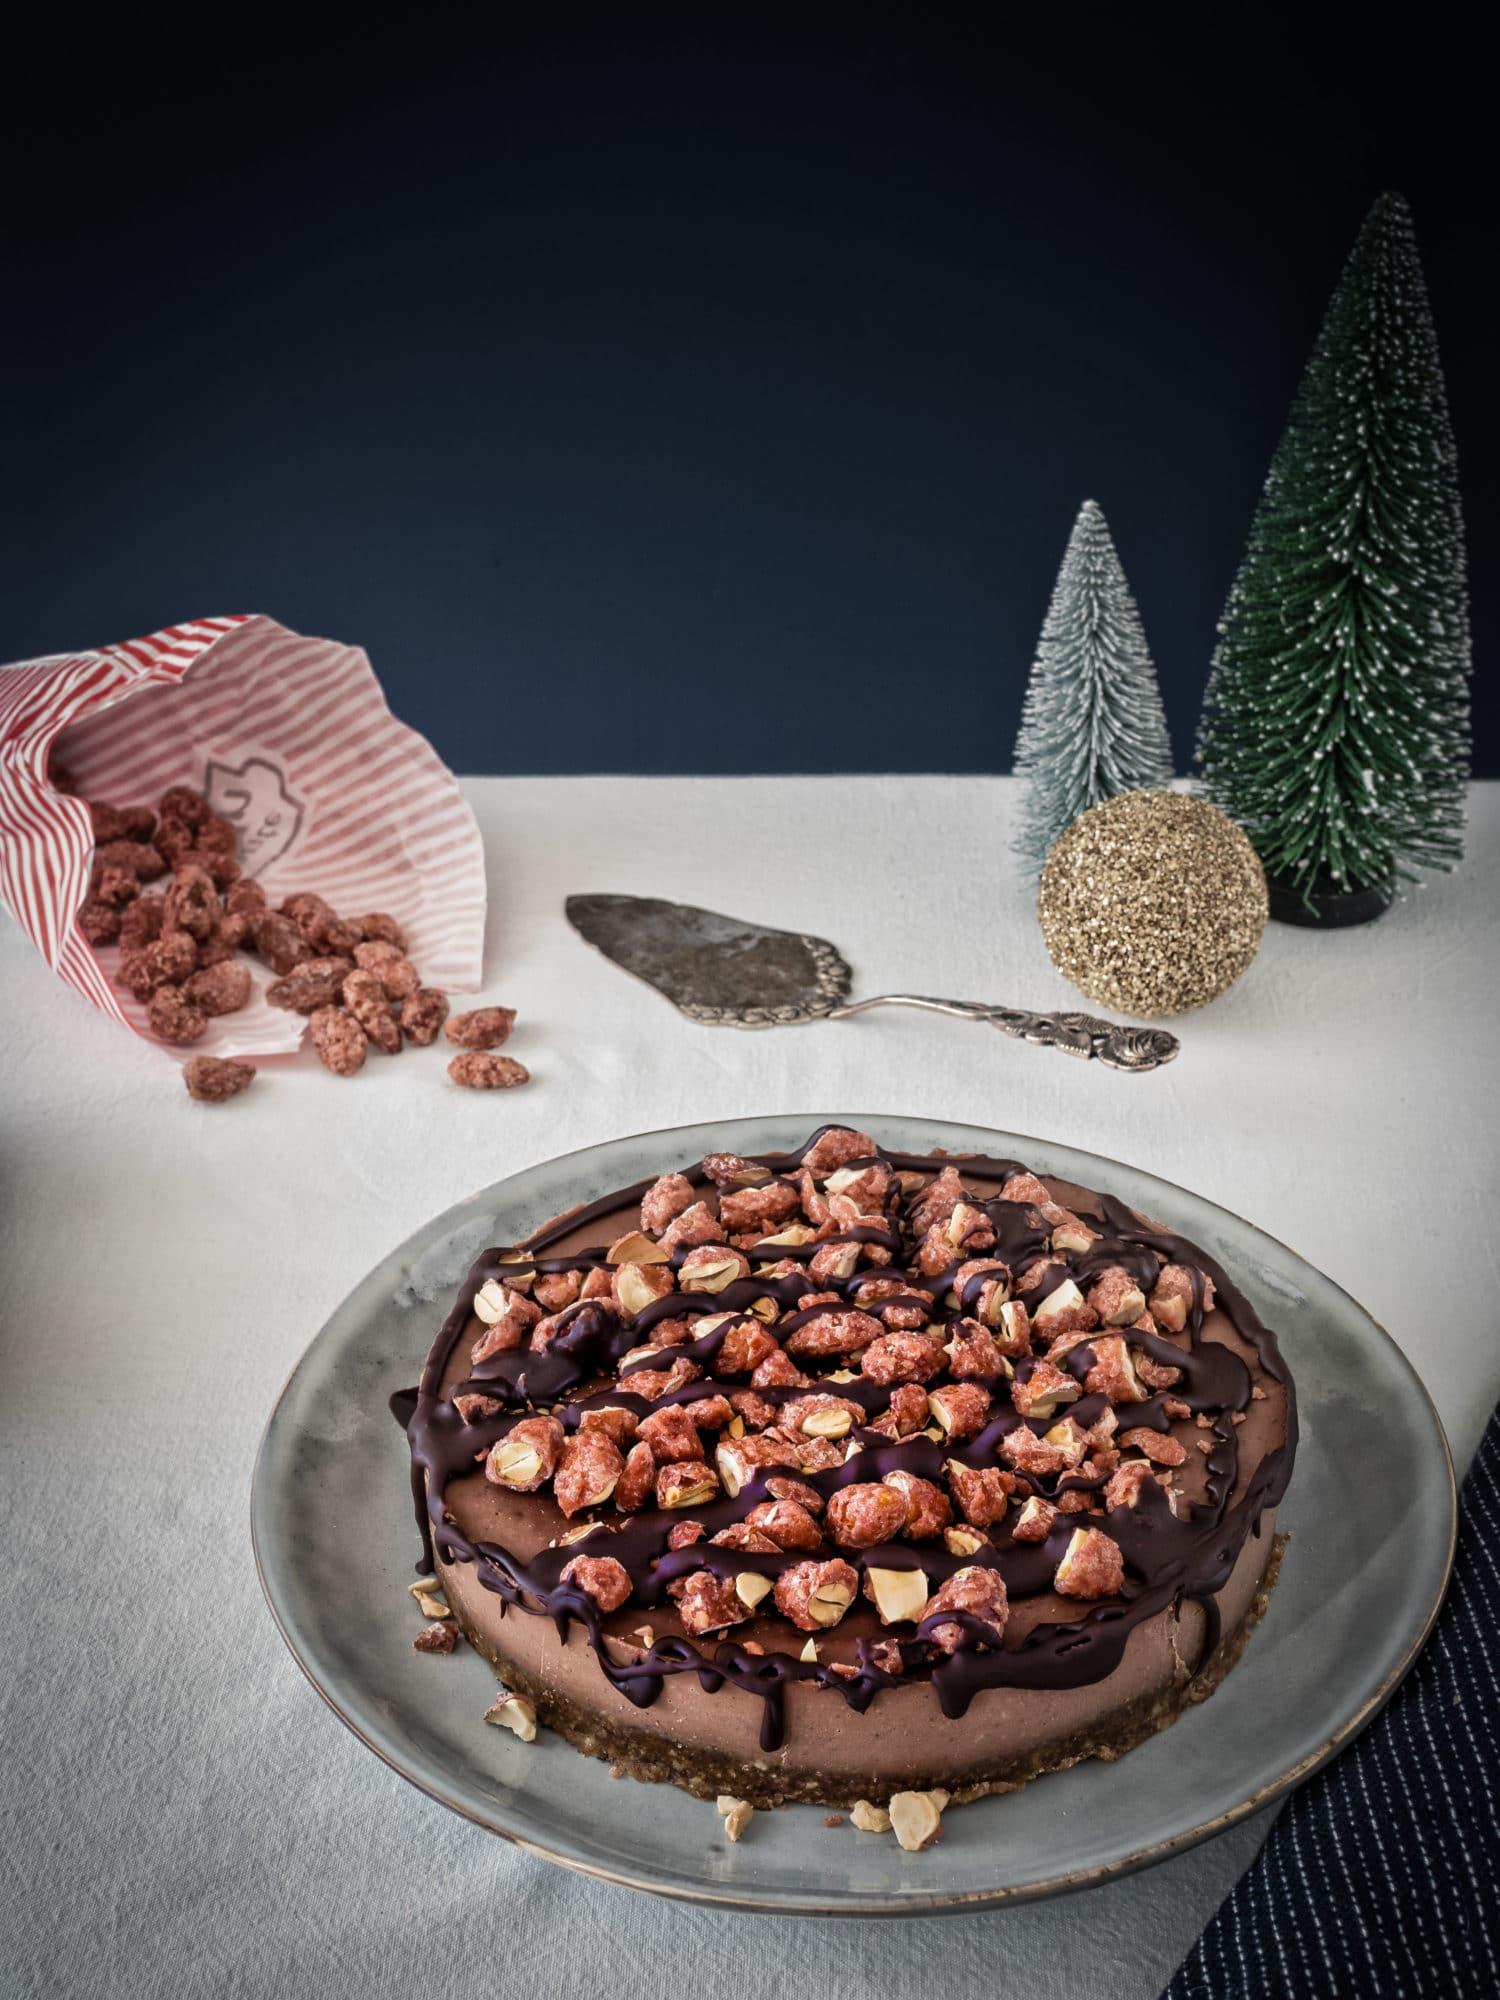 Vegane Baileys Schokoladentorte mit gebrannten Mandeln